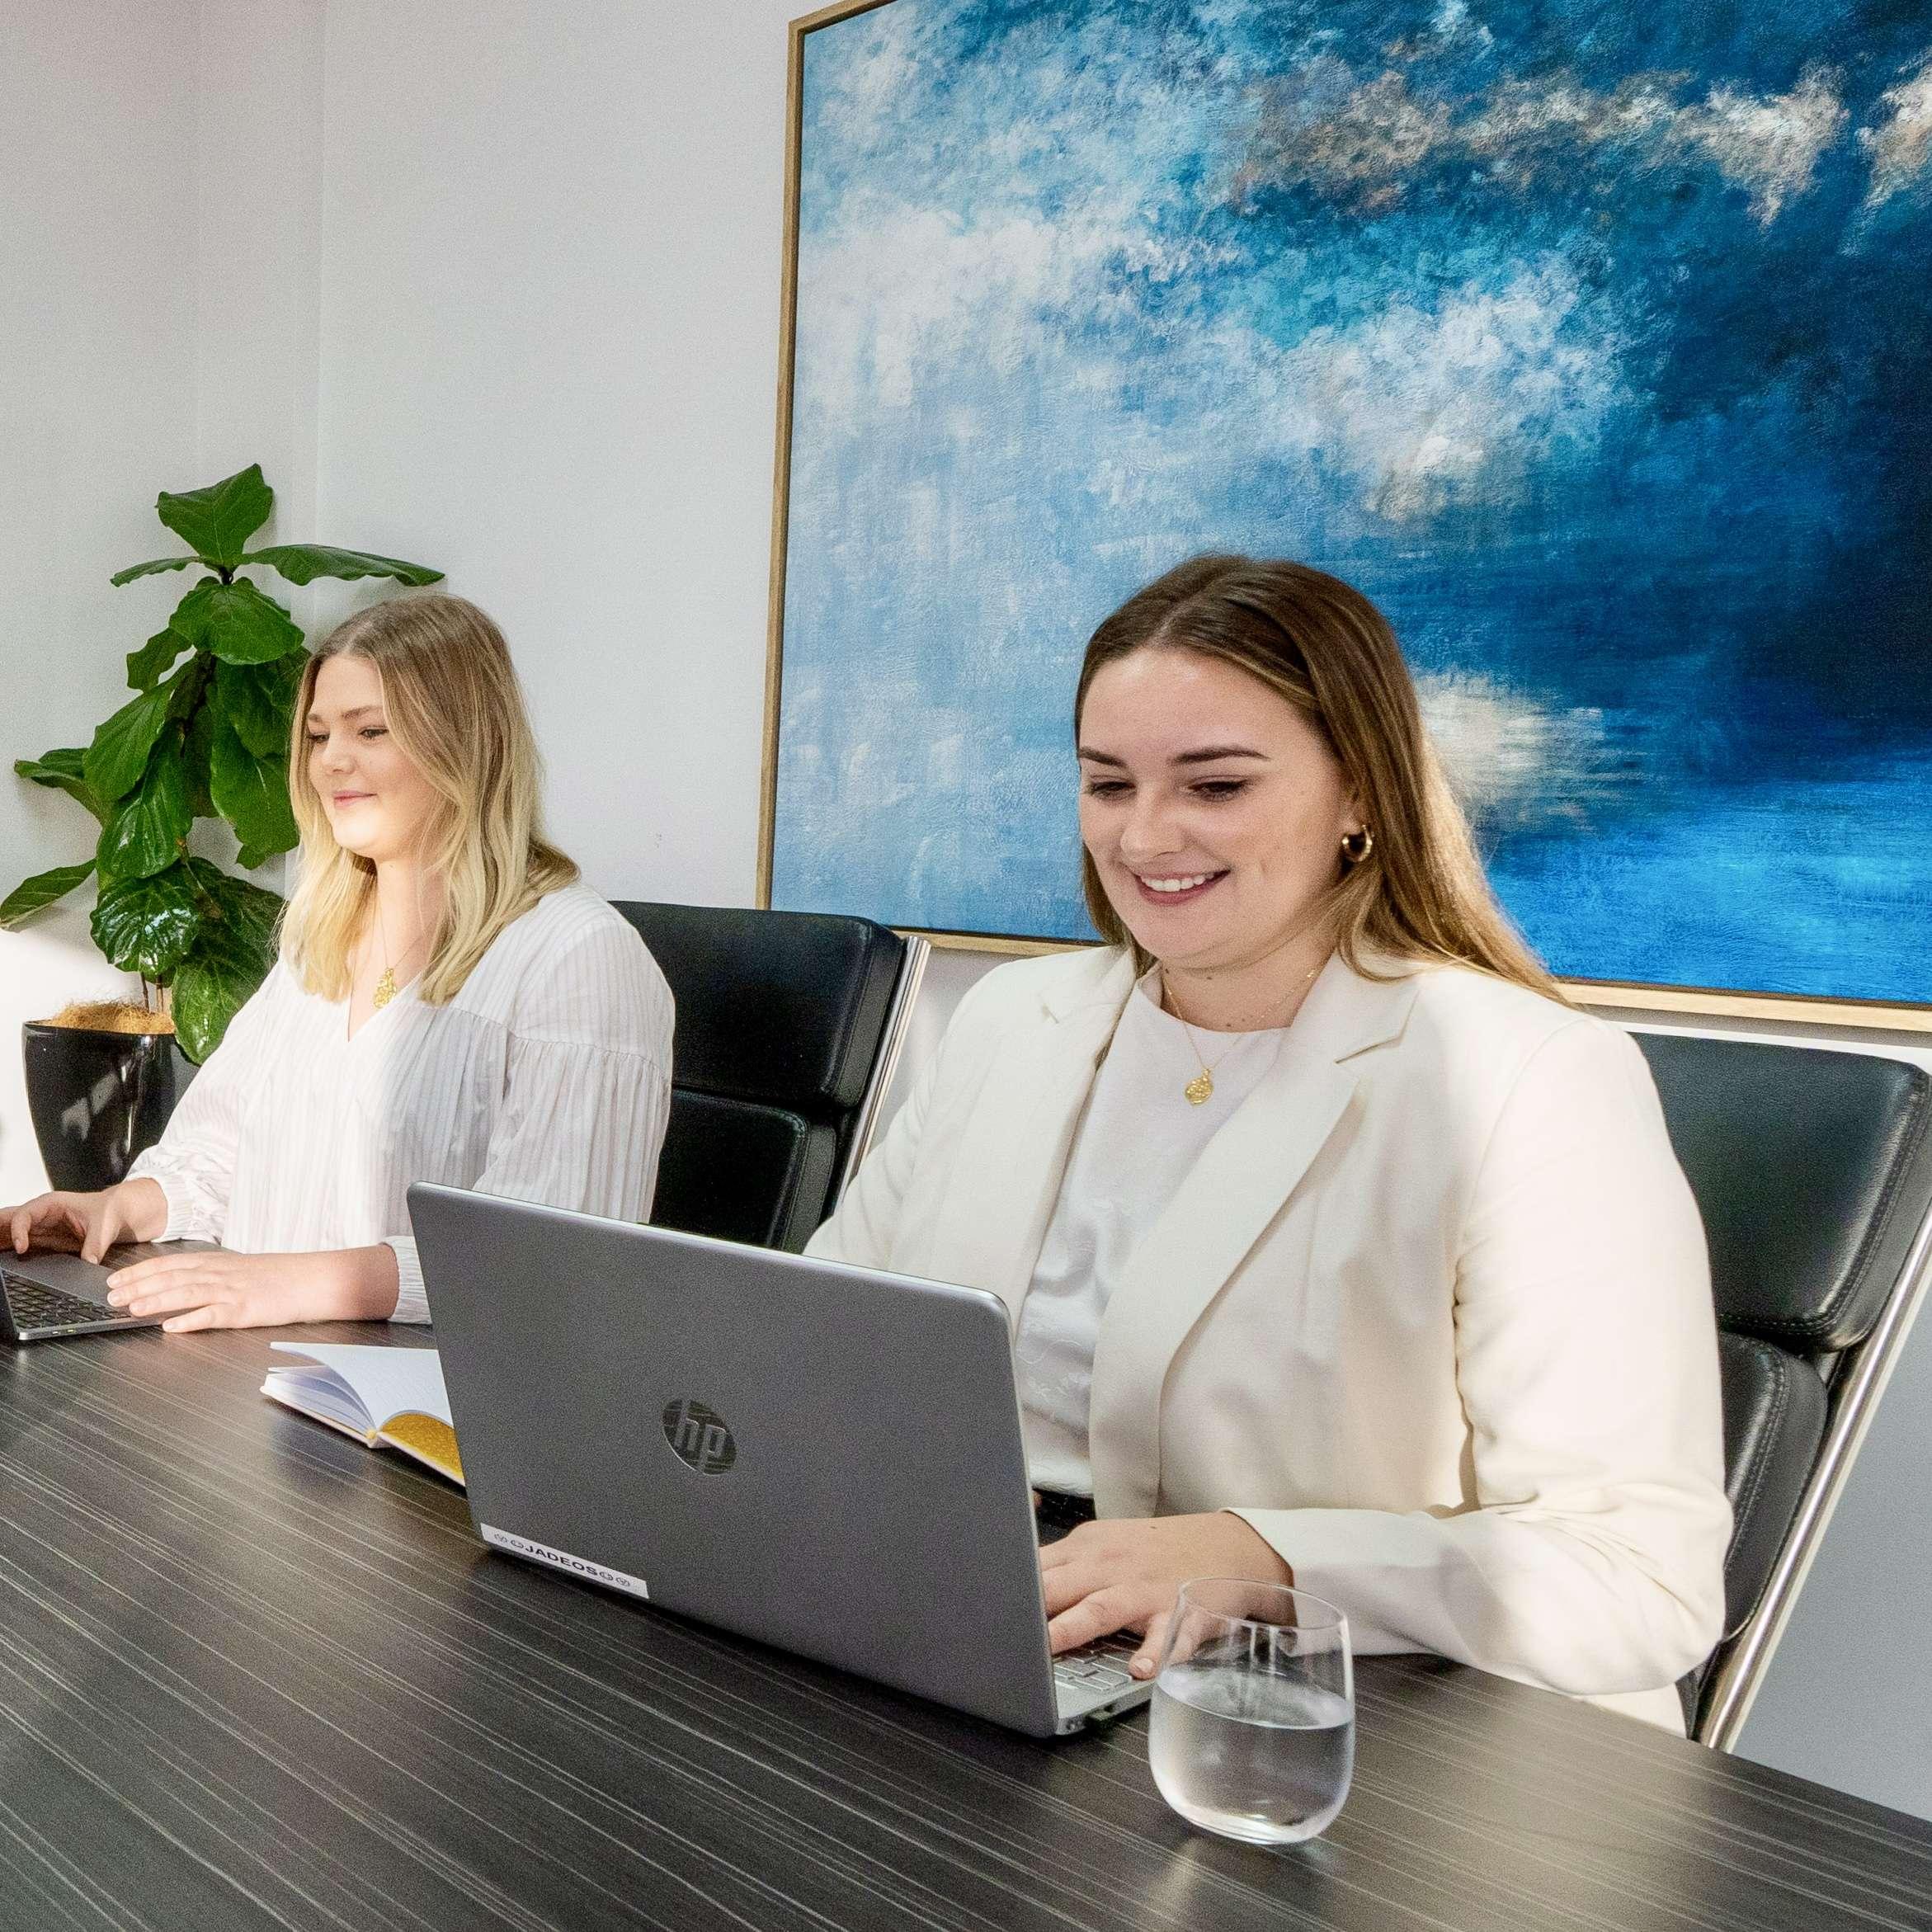 Serviced Office Brisbane Studio 42 Workspaces